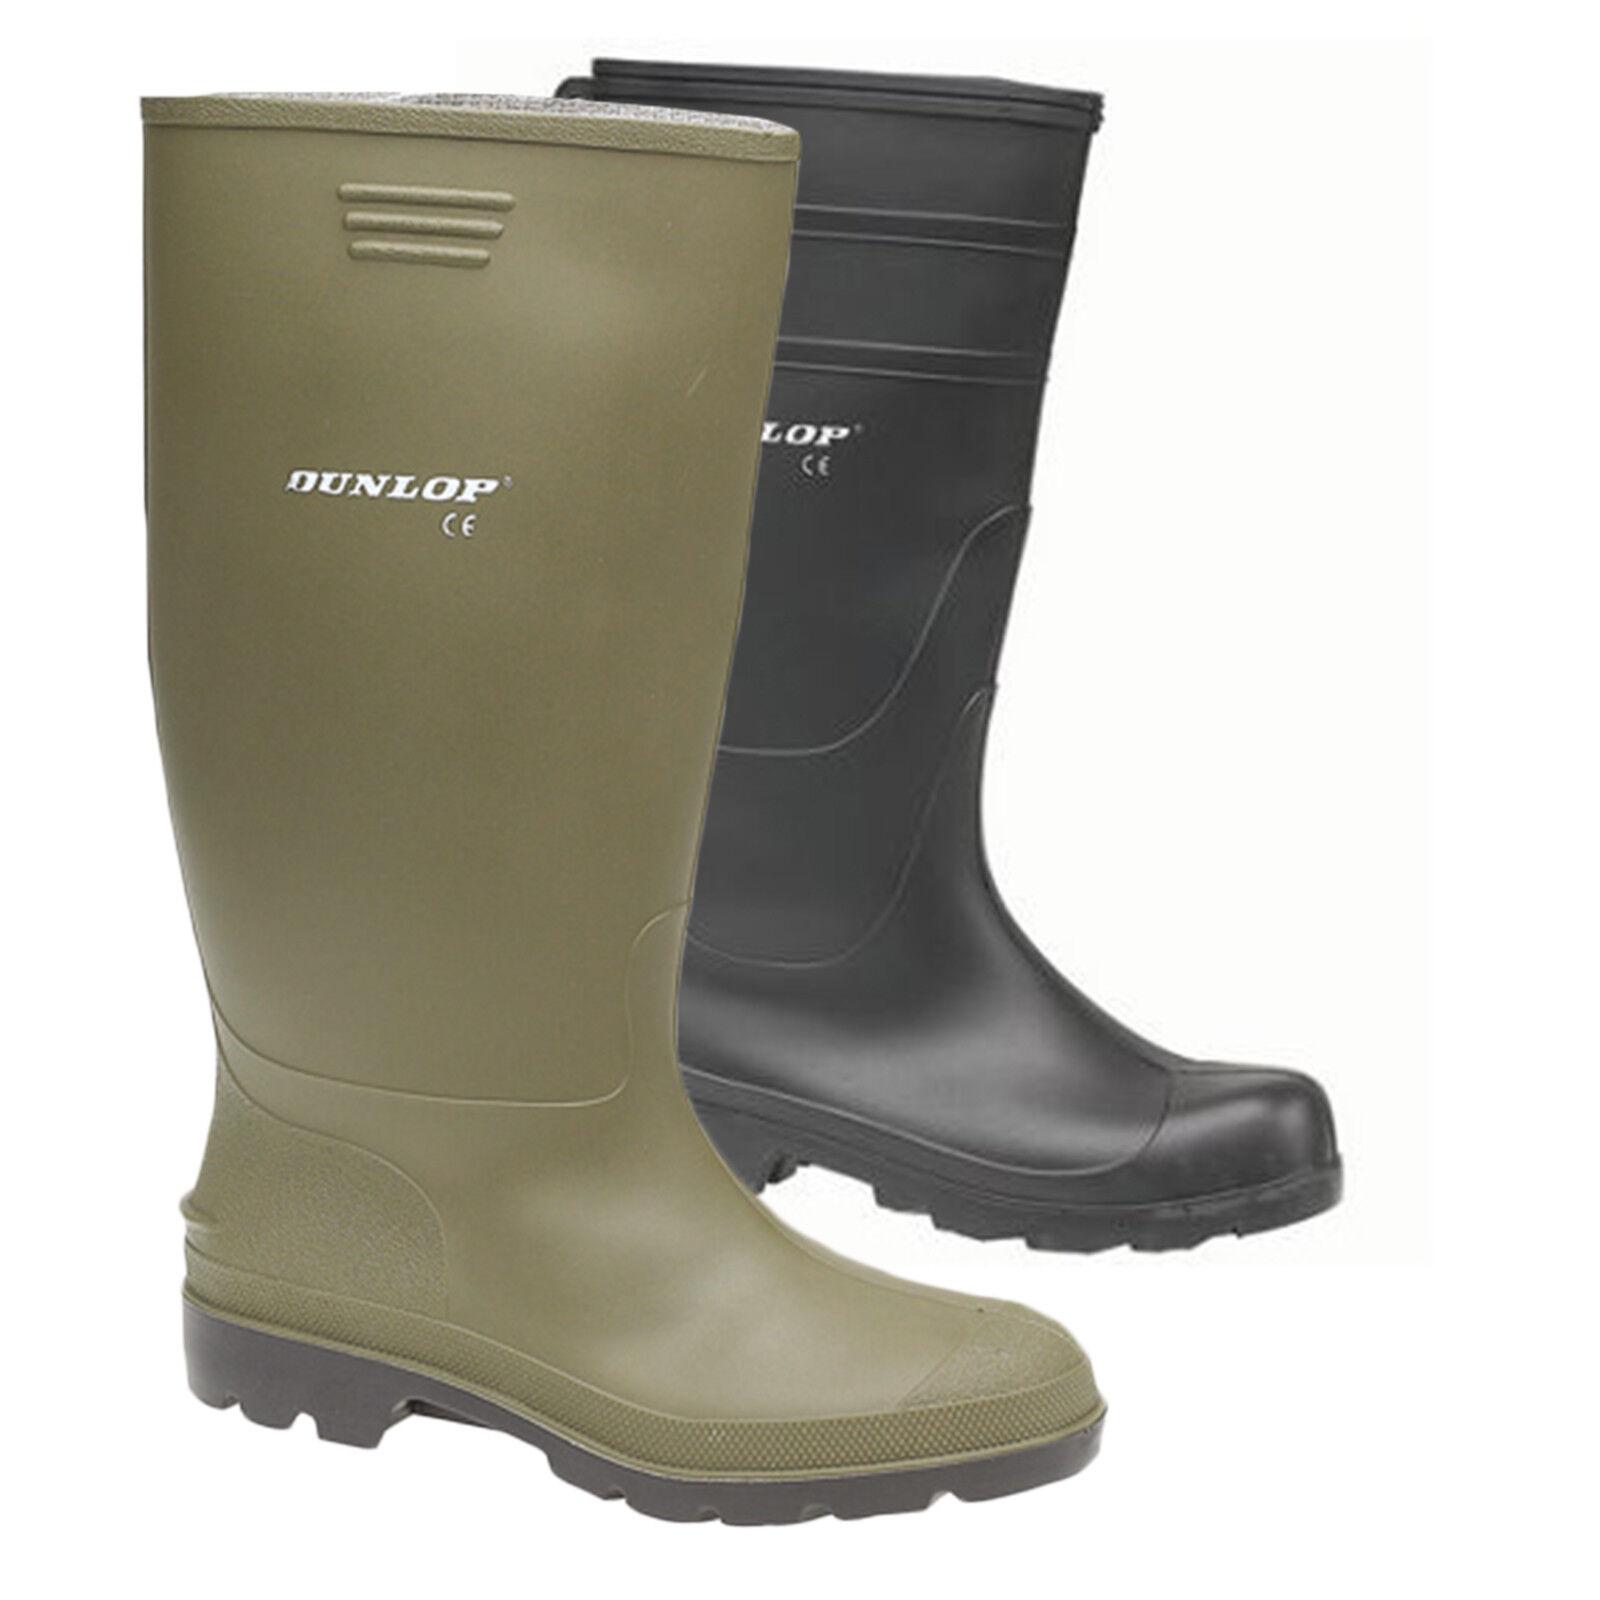 Dunlop - - Budget Wellington Boots - Dunlop Fully Waterproof 27b71a